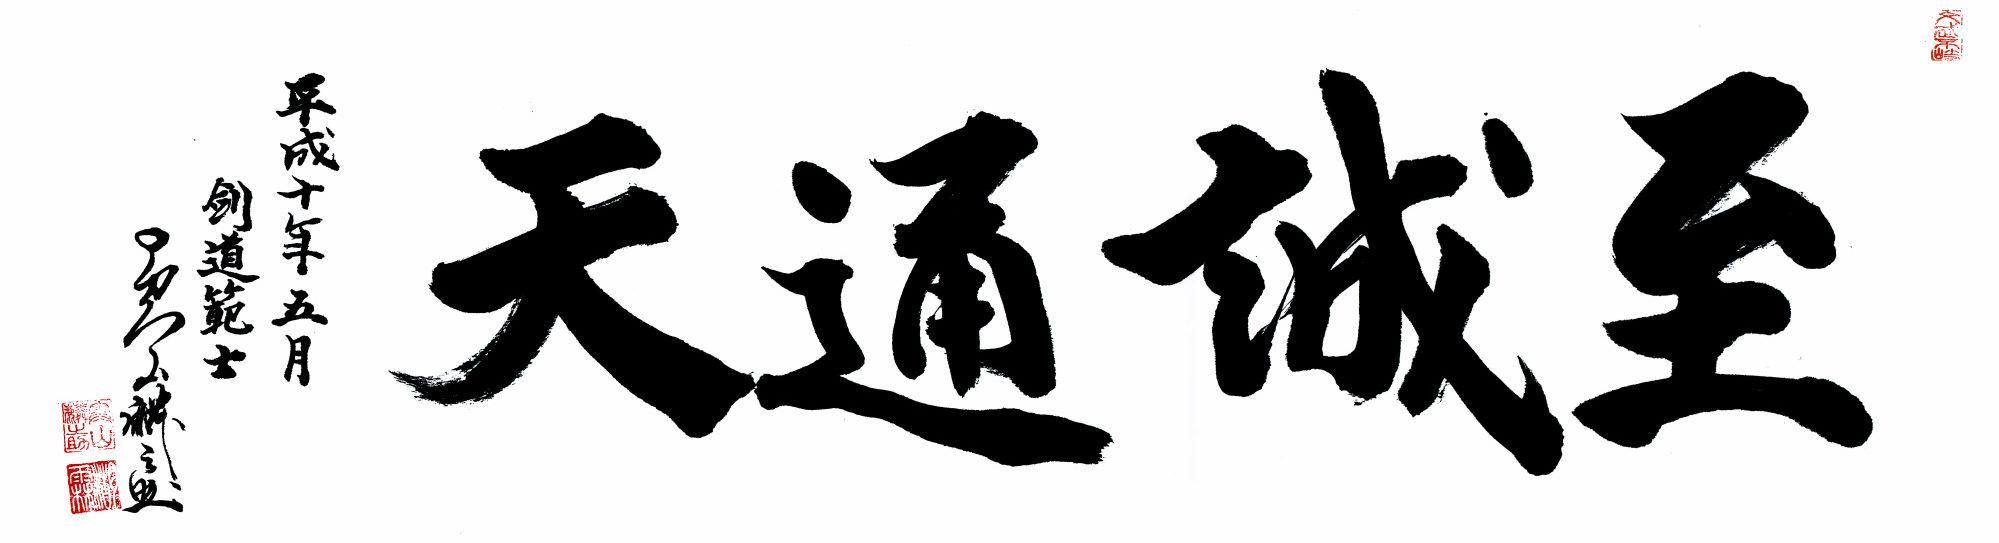 槇島剣道スポーツ少年団   京都・宇治